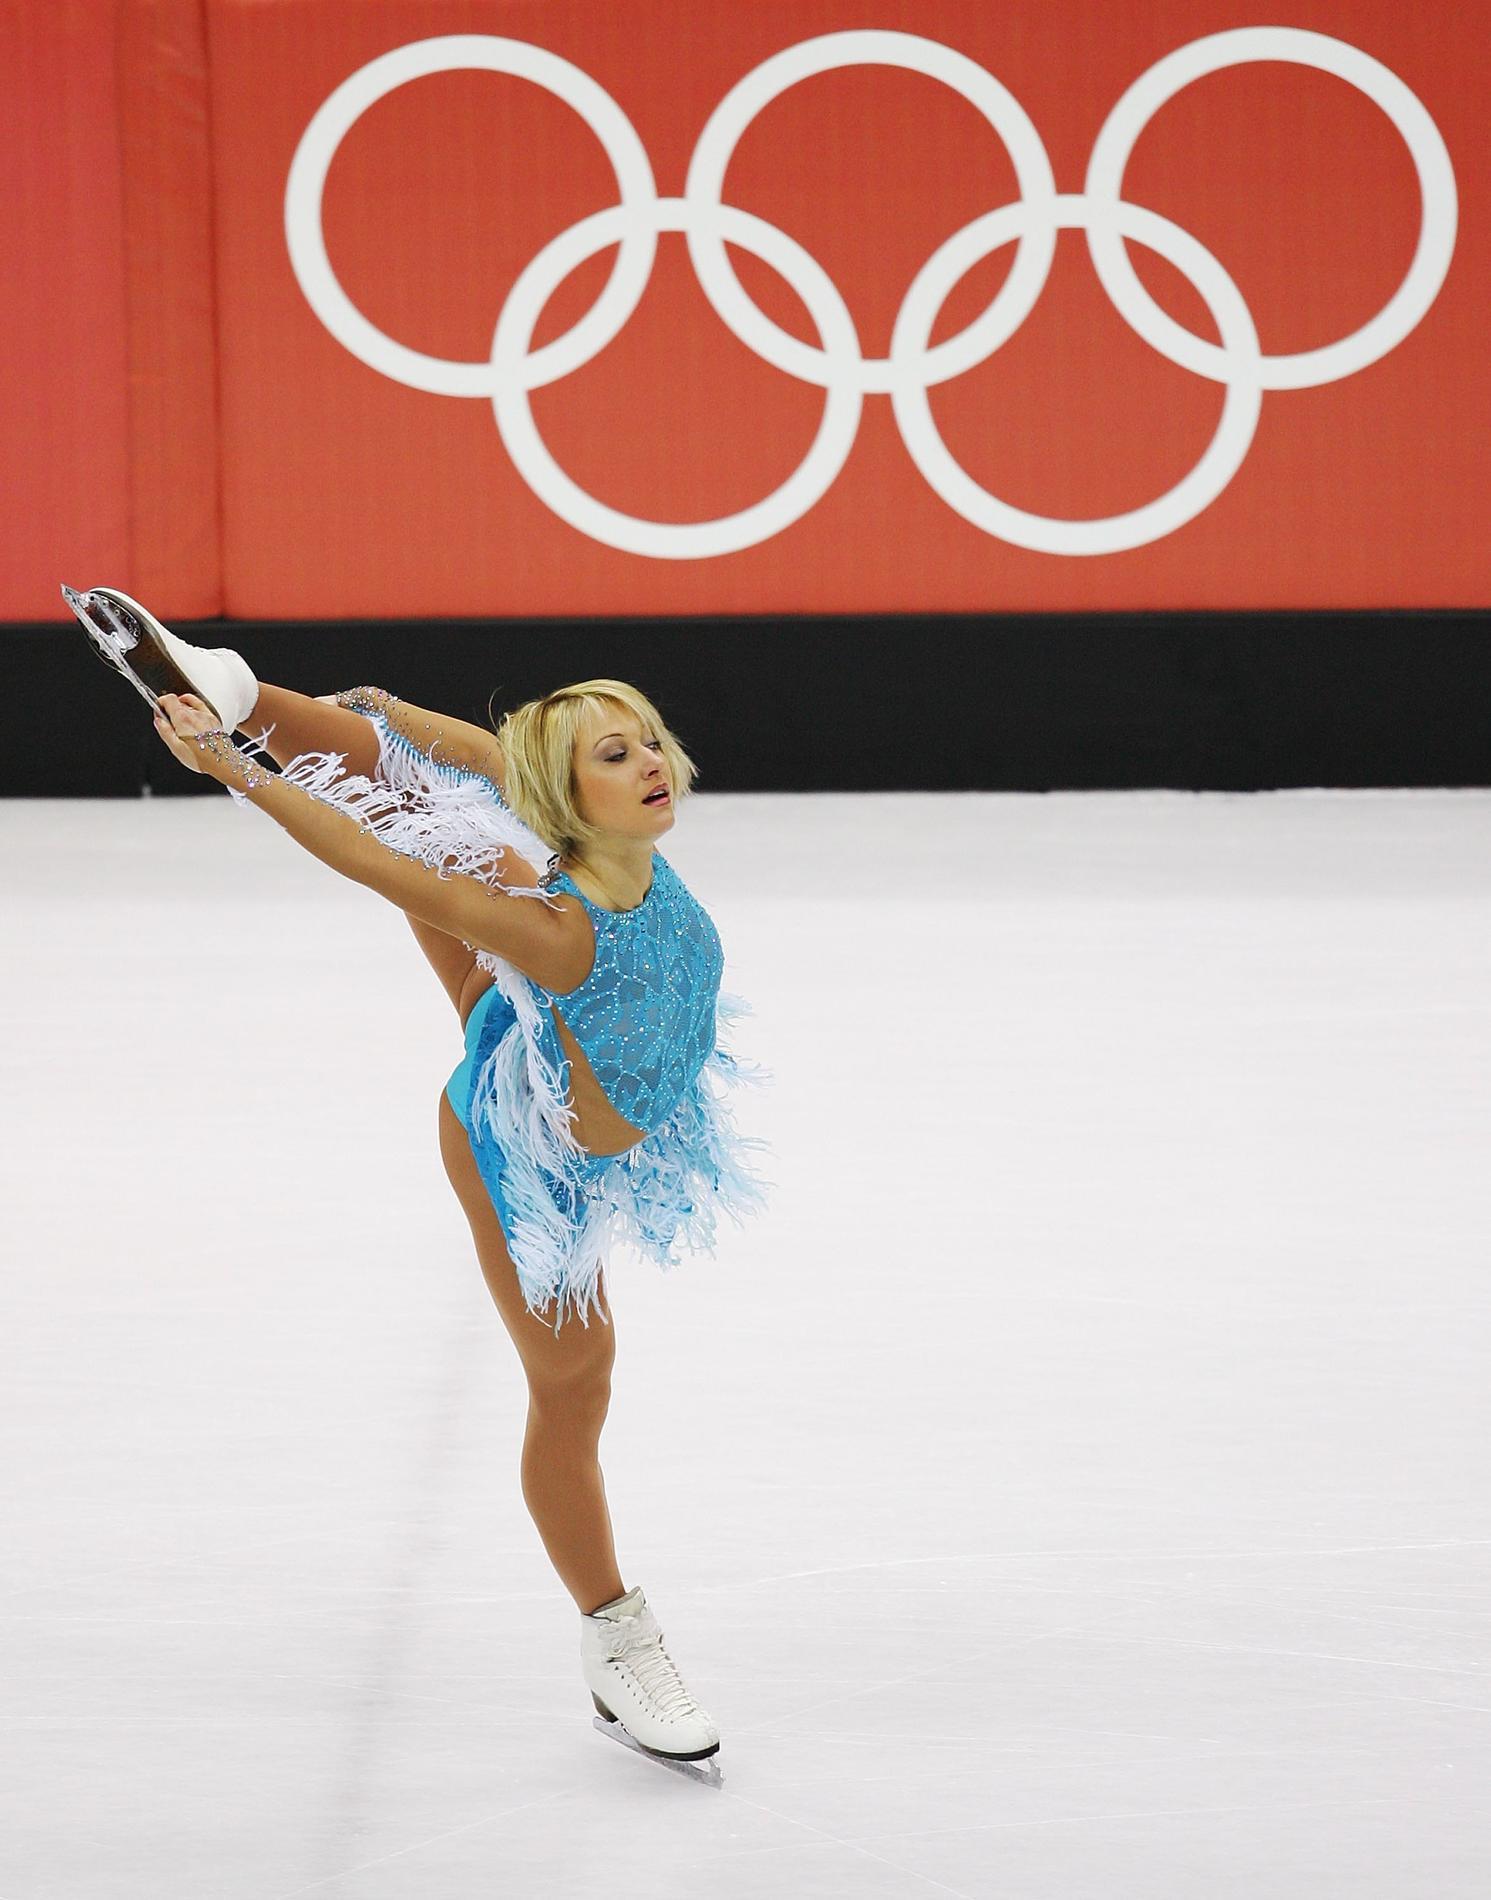 tenues de patinage artistique les plus improbables repérées aux Jeux  olympiques - Elena . fa626503f28